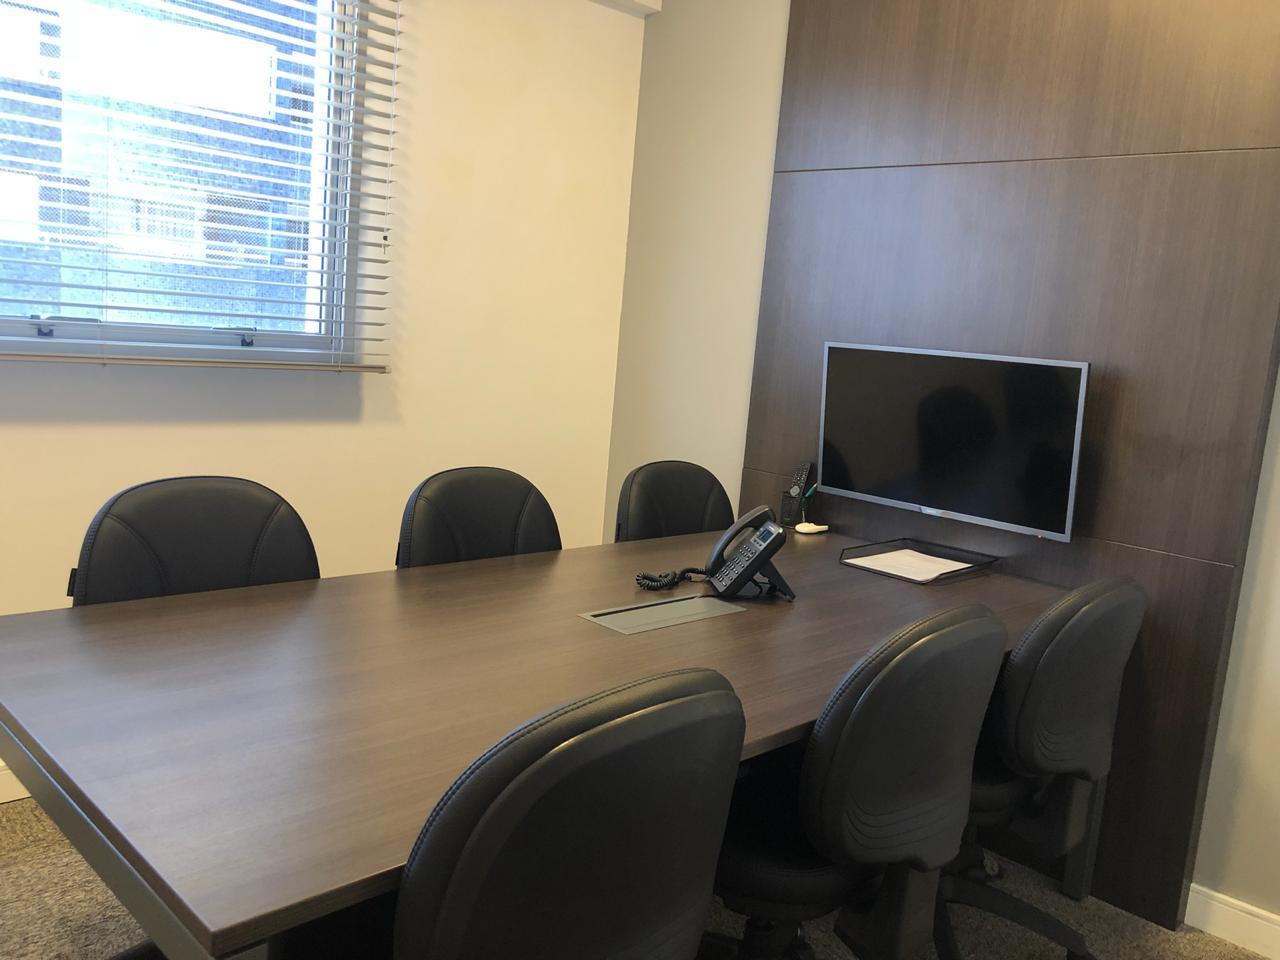 Sala de reunião (6 pessoas) / Meeting room (6 people)